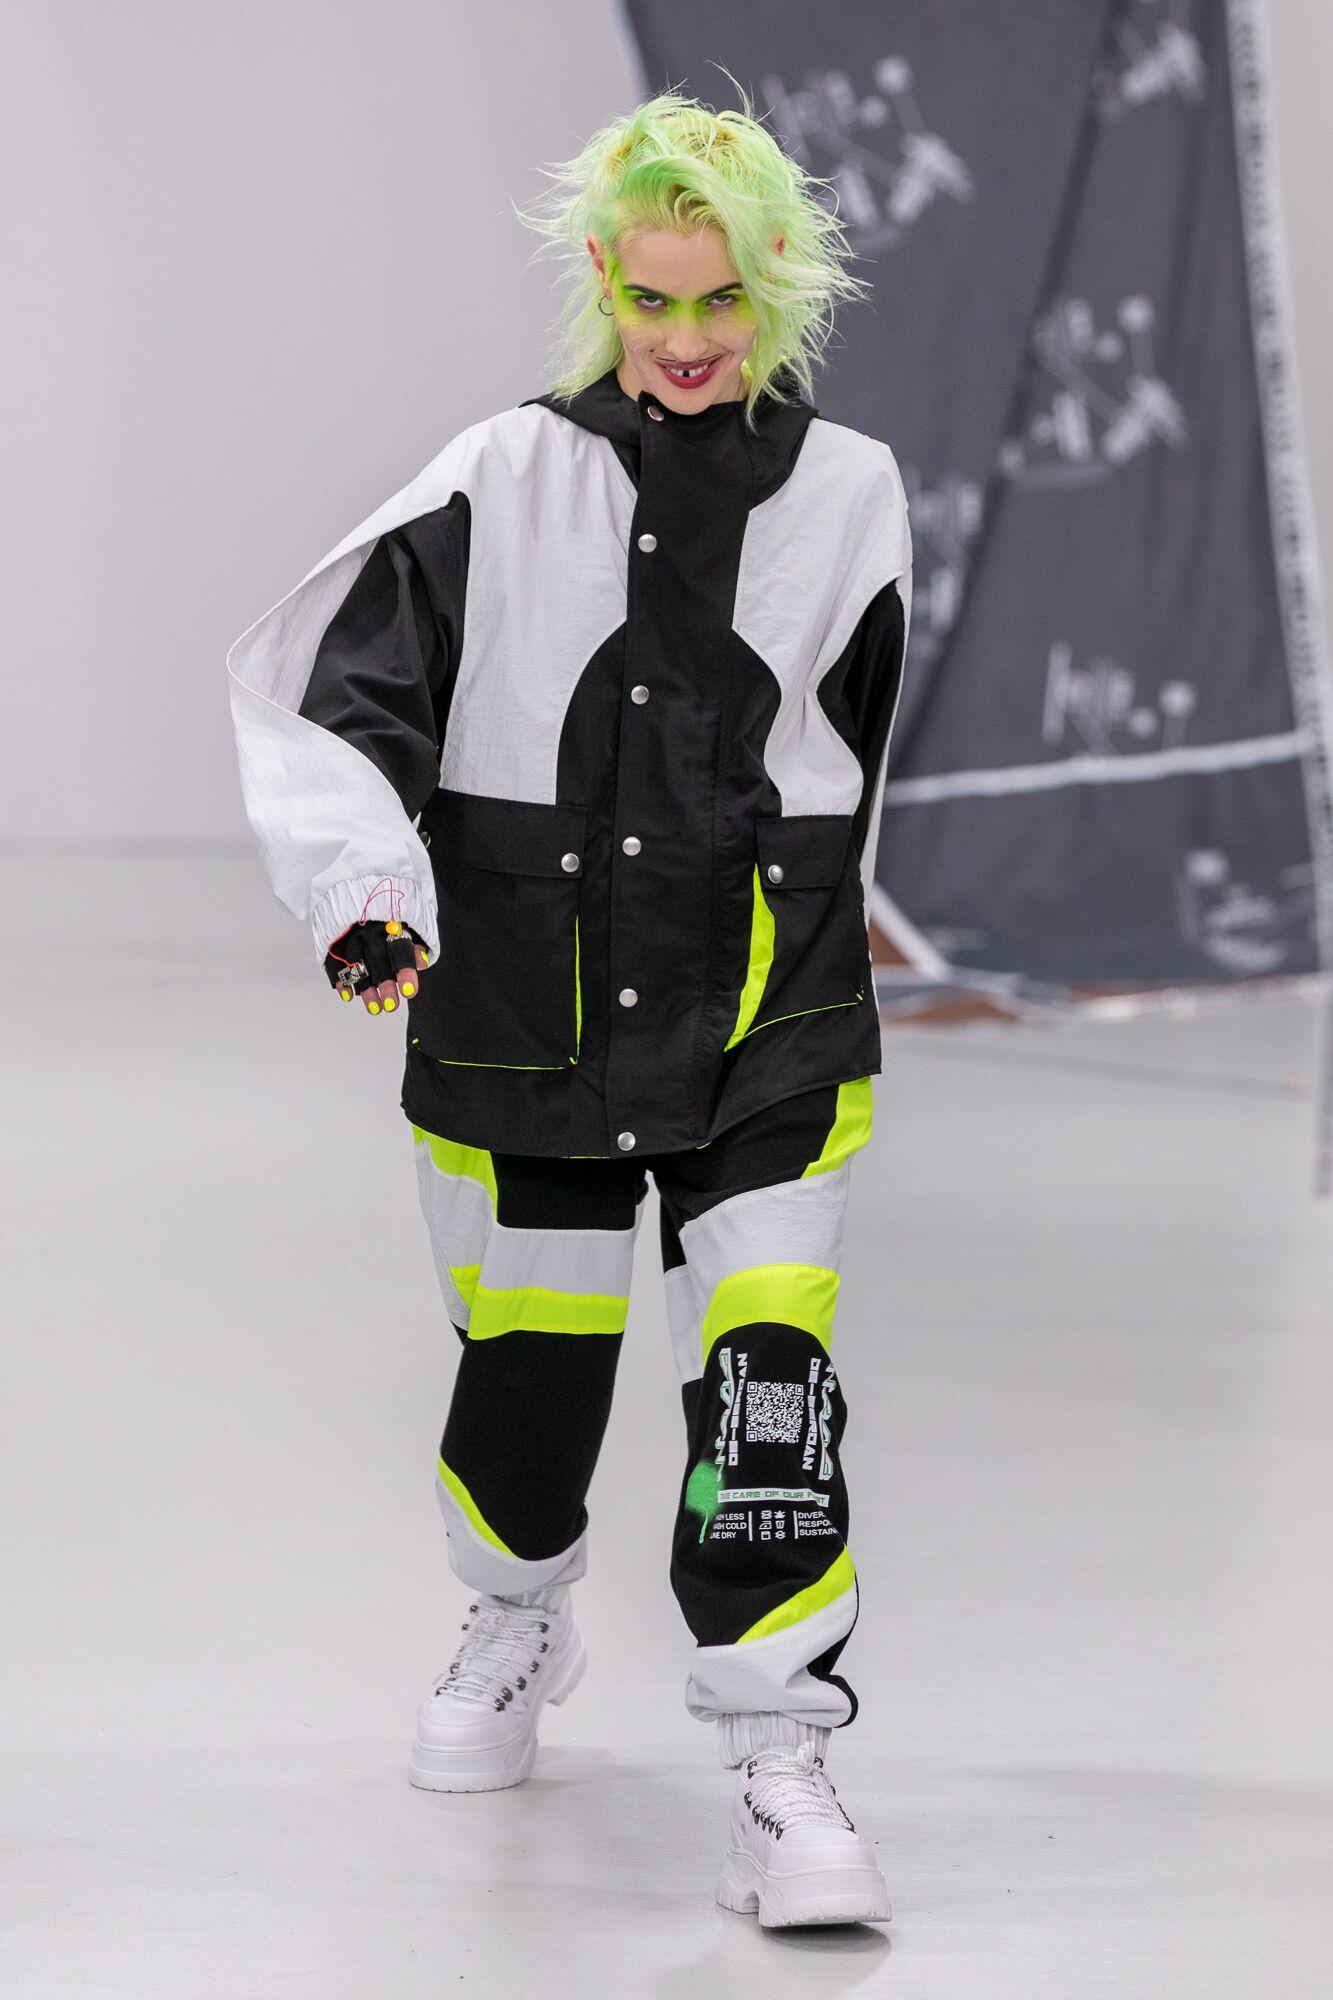 Db berdan aw20 during london fashion week (8)